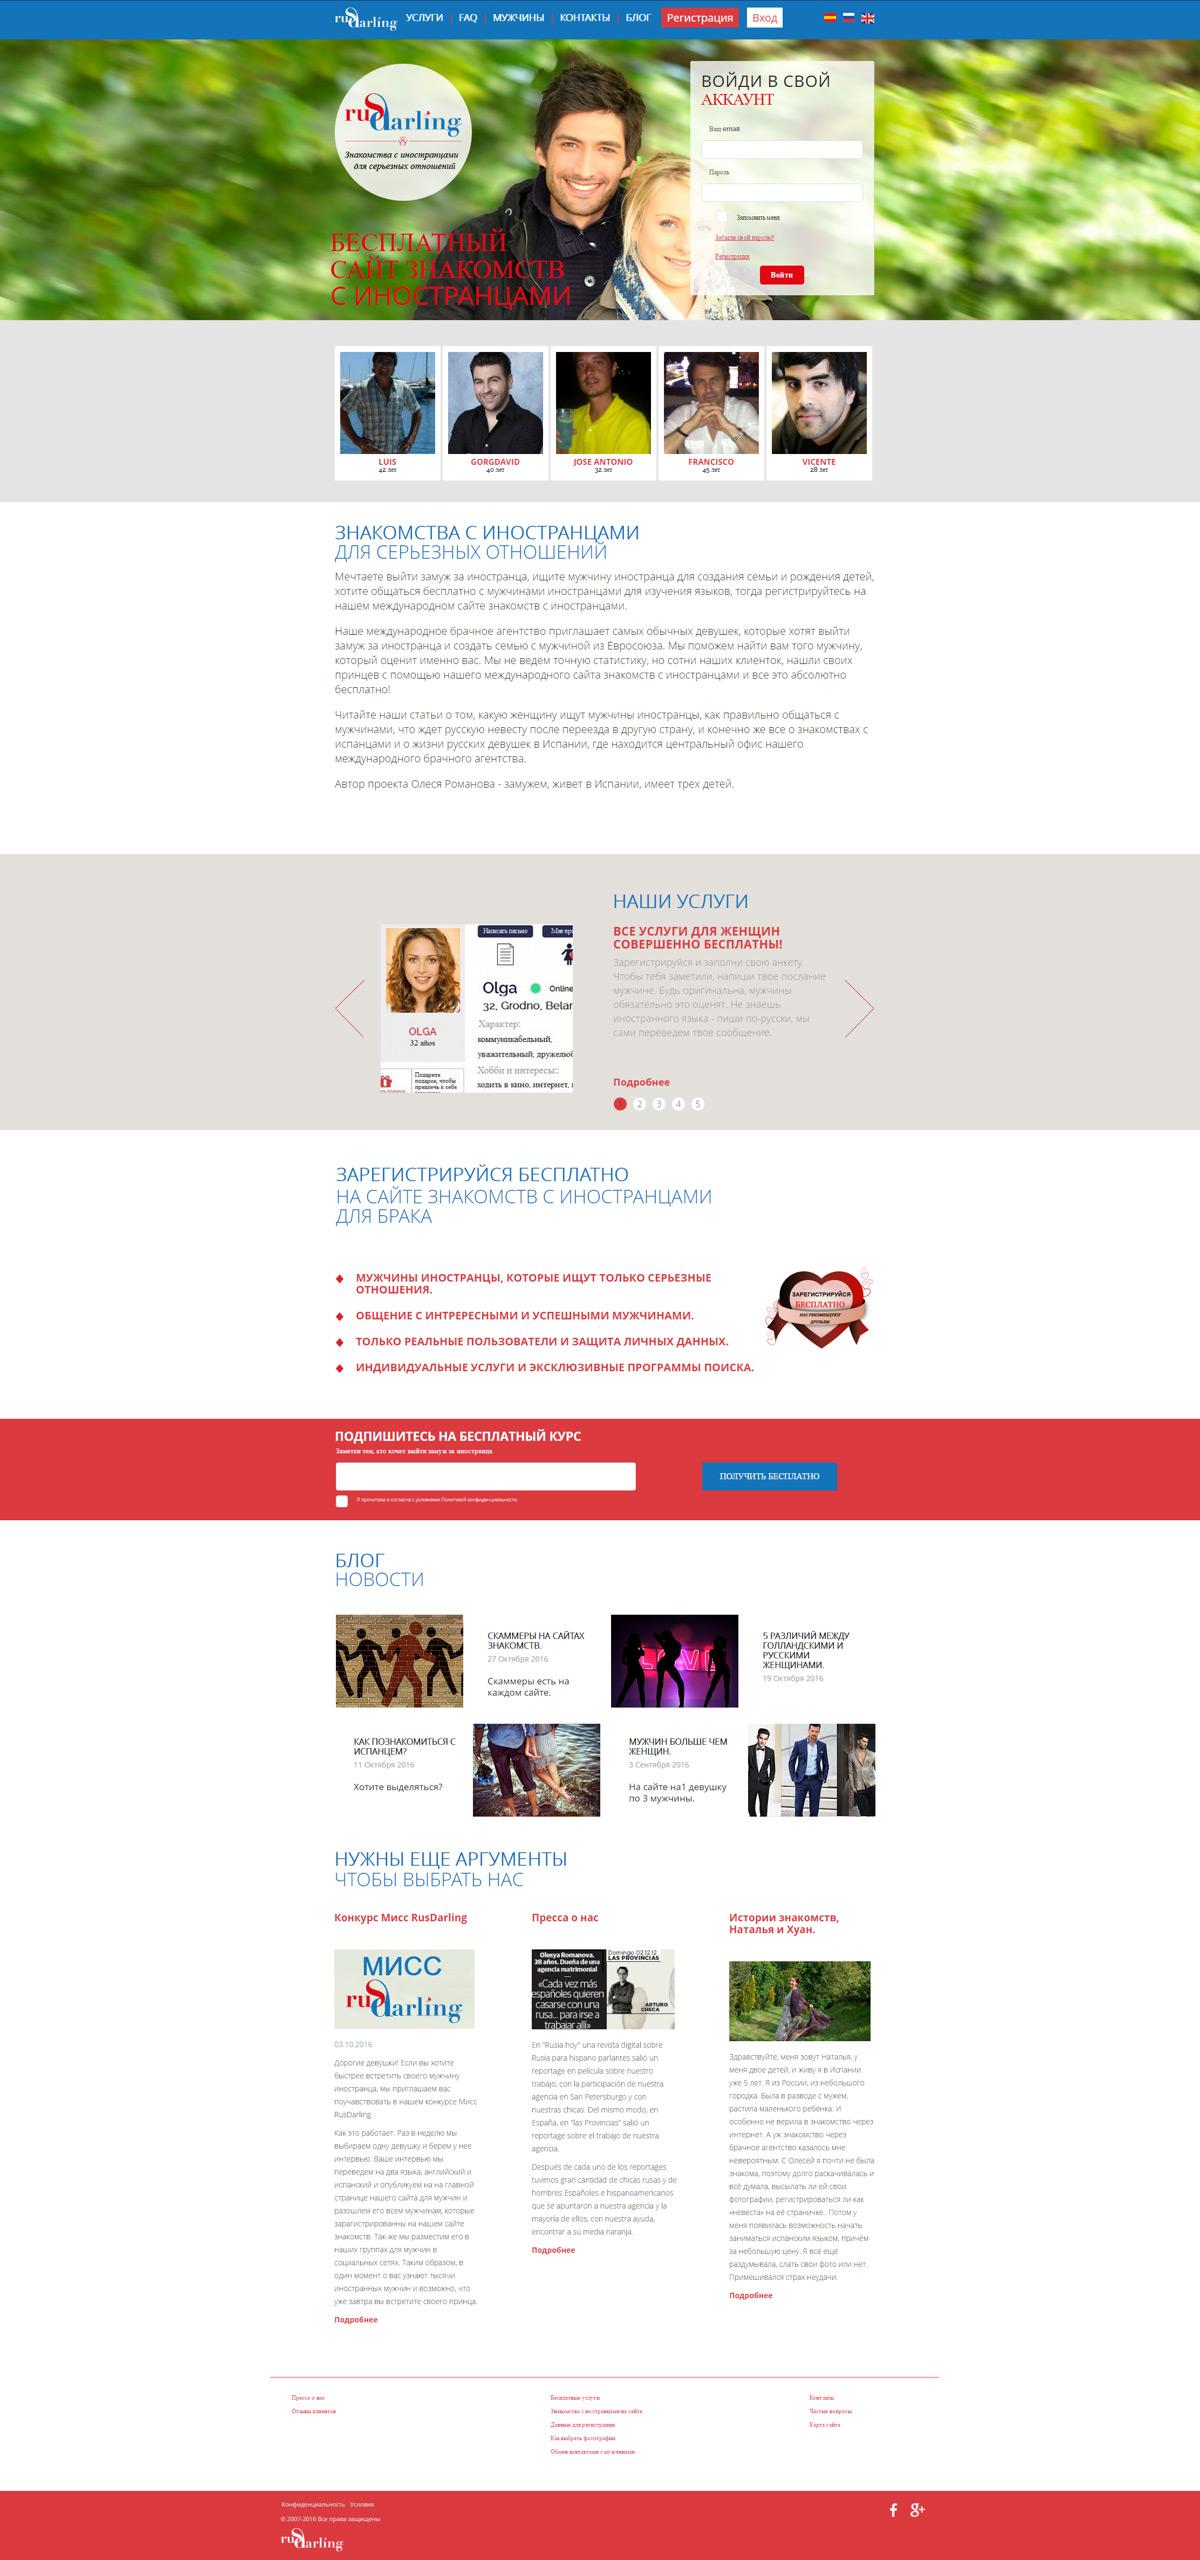 Обзор Популярных Сайтов Знакомств С Иностранцами